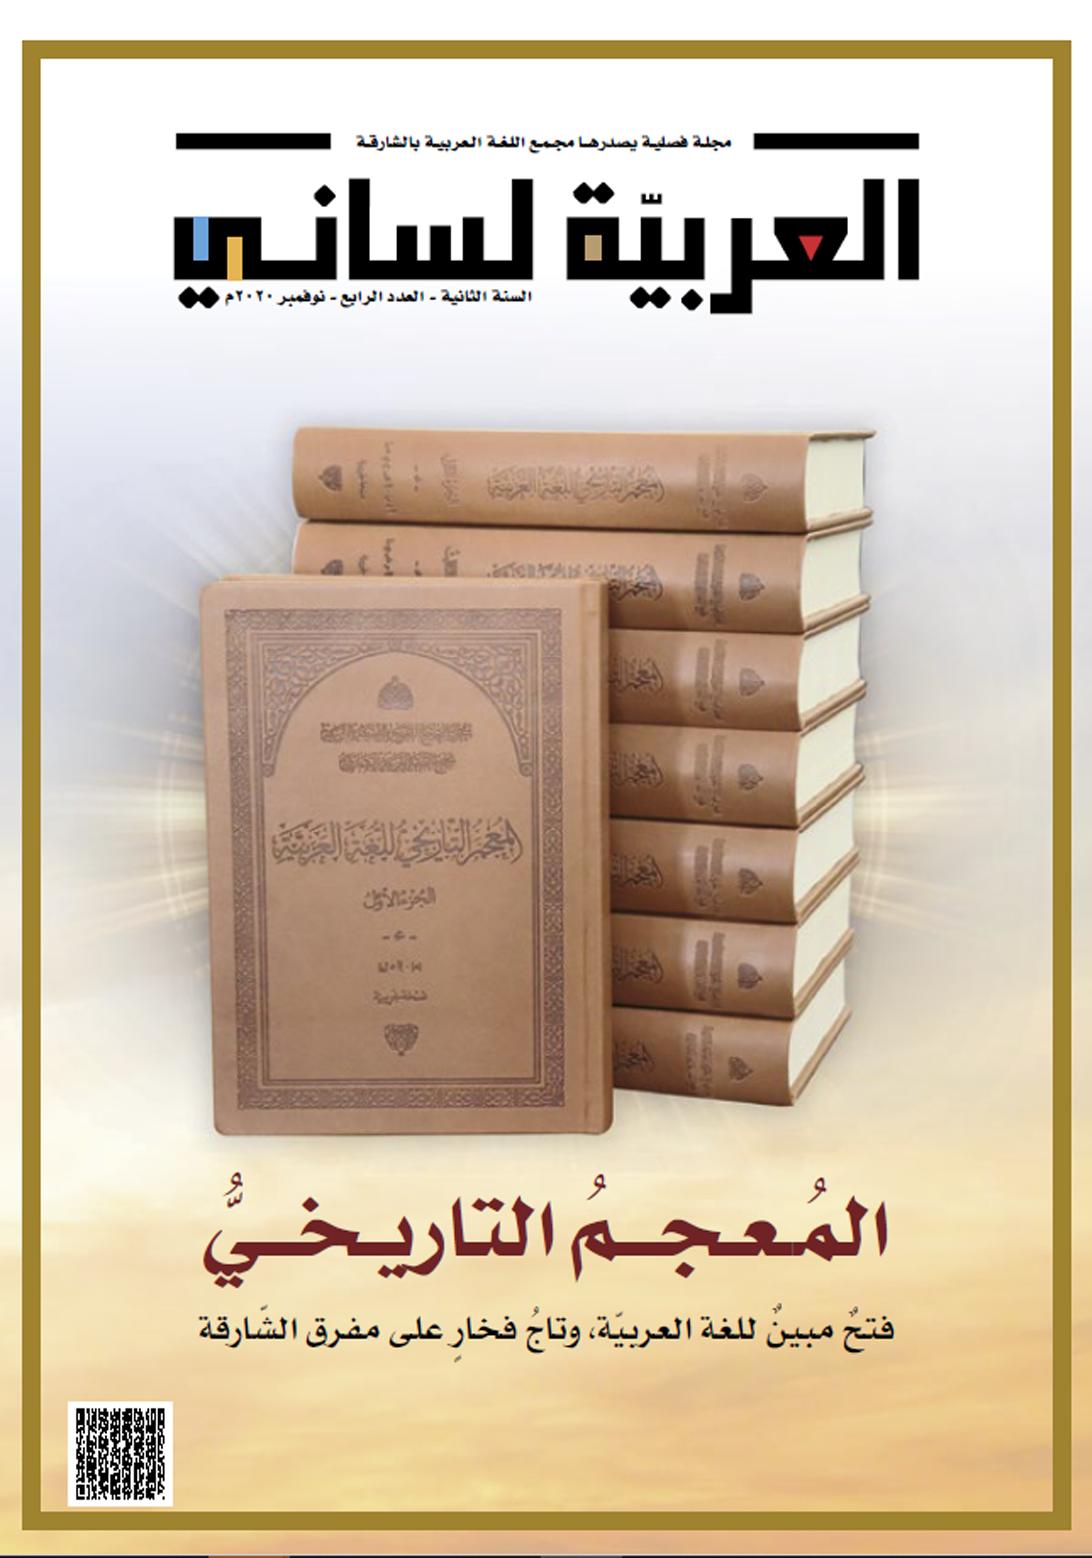 العربية لساني - مجلة فصلية